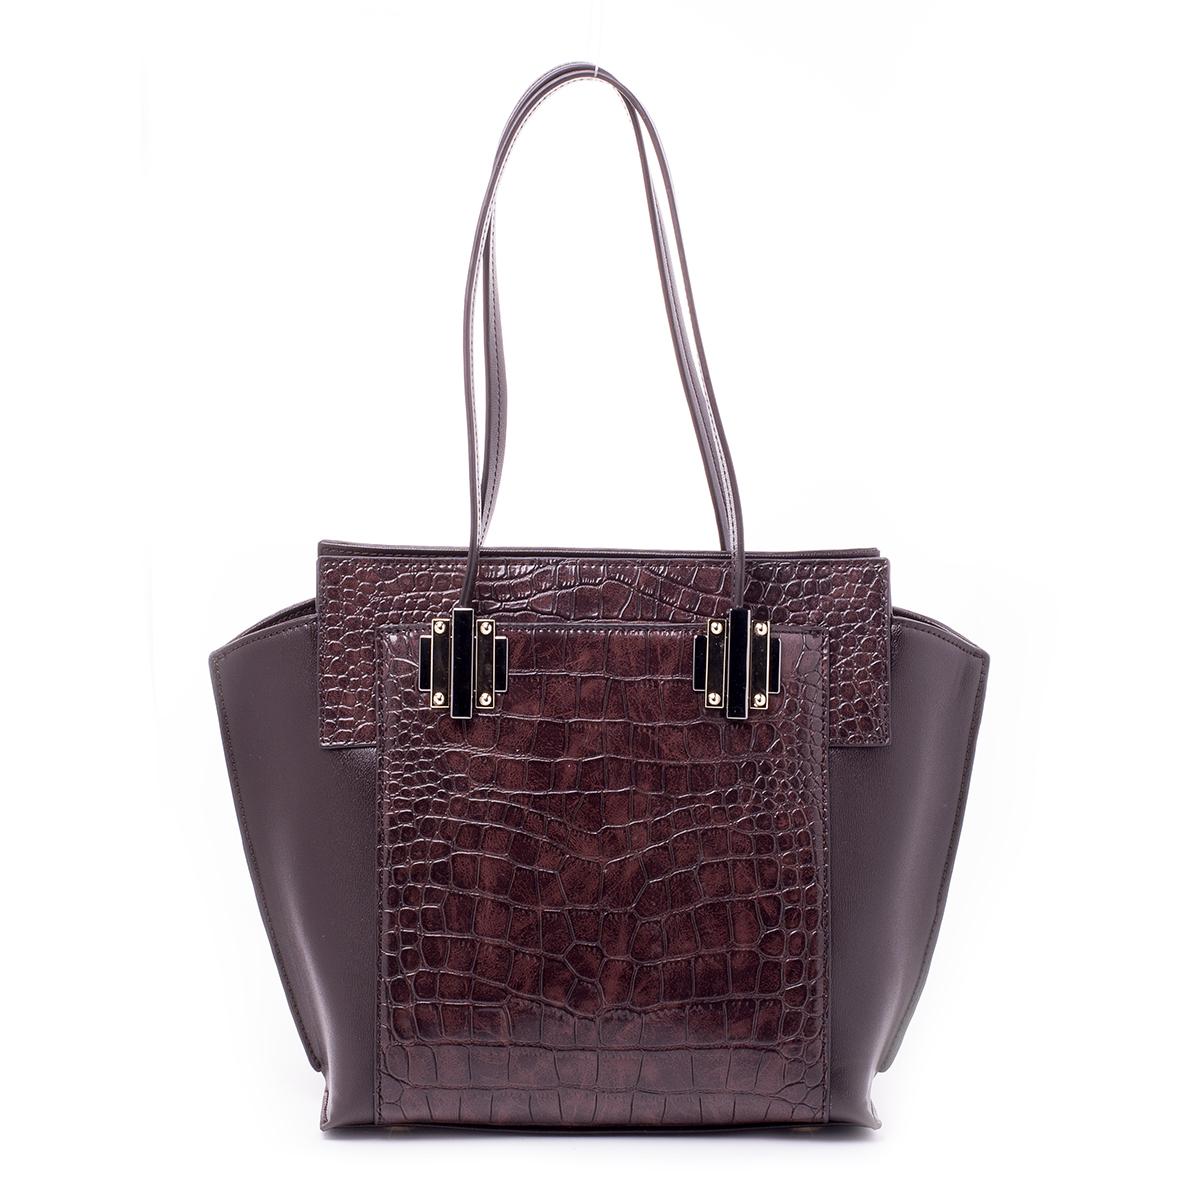 Сумка женская Renee Kler, цвет: коричневый. RF028-03RF028-03Стильная женская сумка Renee Kler выполнена из качественной искусственной кожи. Поверхность сумки выполнена с декоративным тиснением. Сумка имеет одно отделение и застегивается на молнию. Внутри отделения находятся два накладных кармана и один врезной карман на застежке-молнии. С двух сторон сумка дополнена большими накладными карманами на магнитных кнопках. Сумка оснащена двумя удобными ручками на металлической фурнитуре.